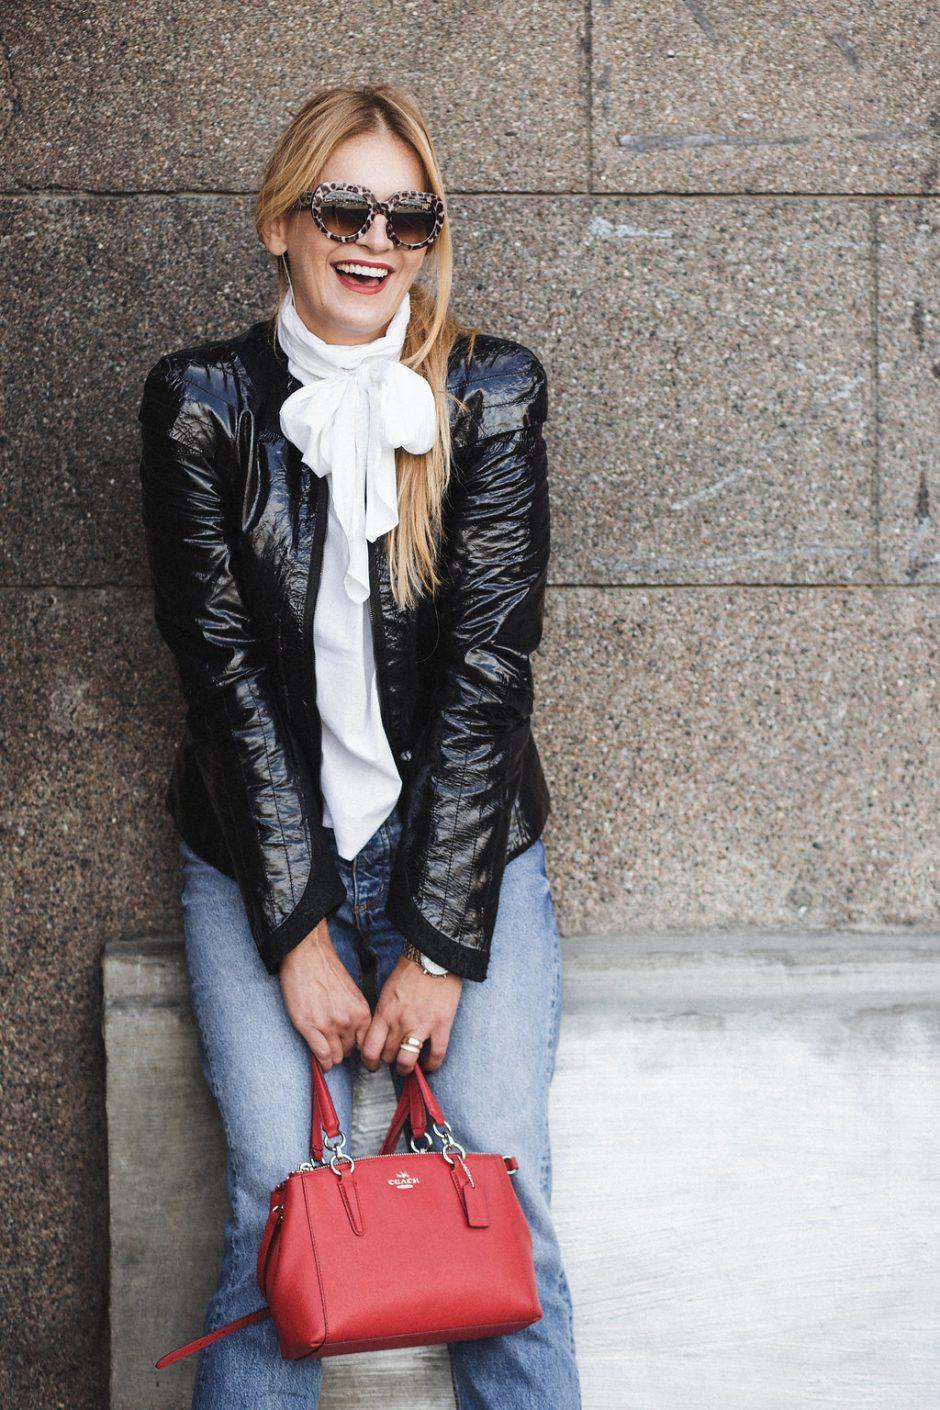 Rudenį galima būti stilingai ir nesivaikant madų (stilistės patarimai)